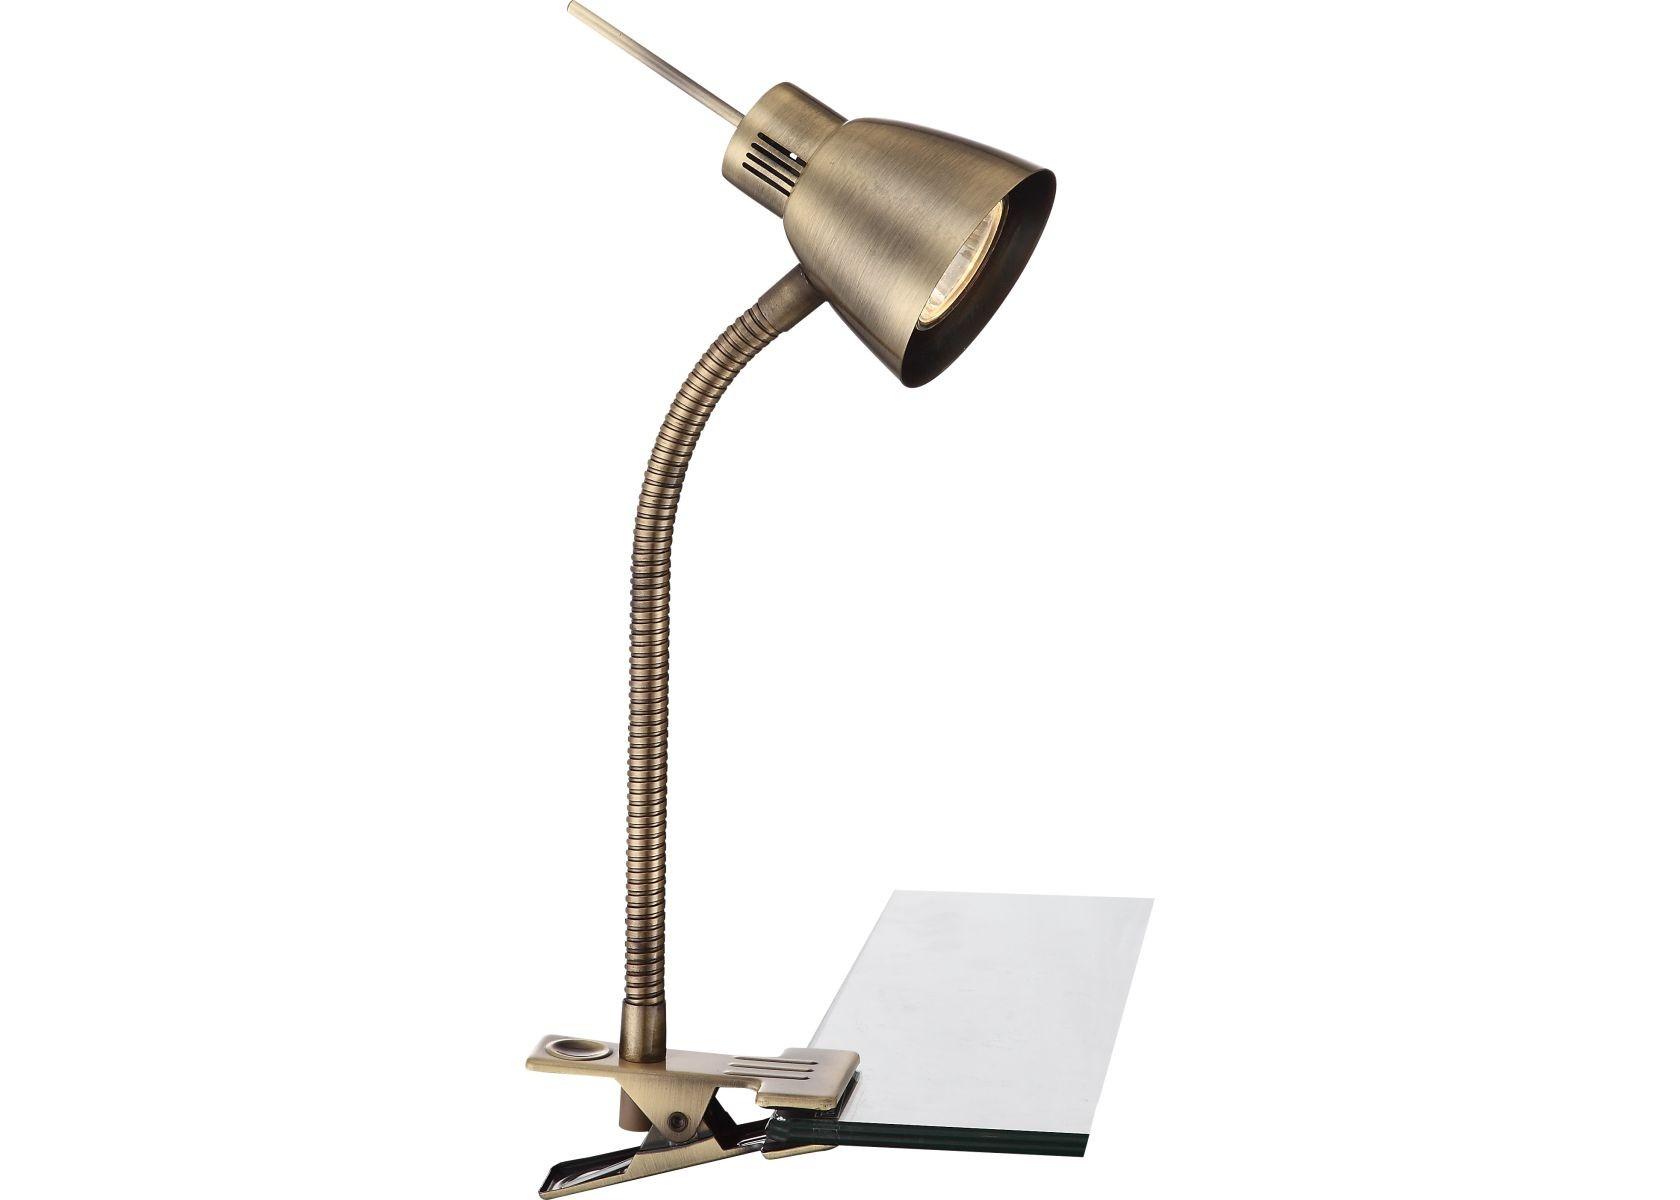 Настольная лампаНастольные лампы<br>&amp;lt;div&amp;gt;Вид цоколя: G10&amp;lt;/div&amp;gt;&amp;lt;div&amp;gt;Мощность: 35W&amp;lt;/div&amp;gt;&amp;lt;div&amp;gt;Количество ламп: 1&amp;lt;/div&amp;gt;<br><br>Material: Металл<br>Height см: 37,5<br>Diameter см: 24